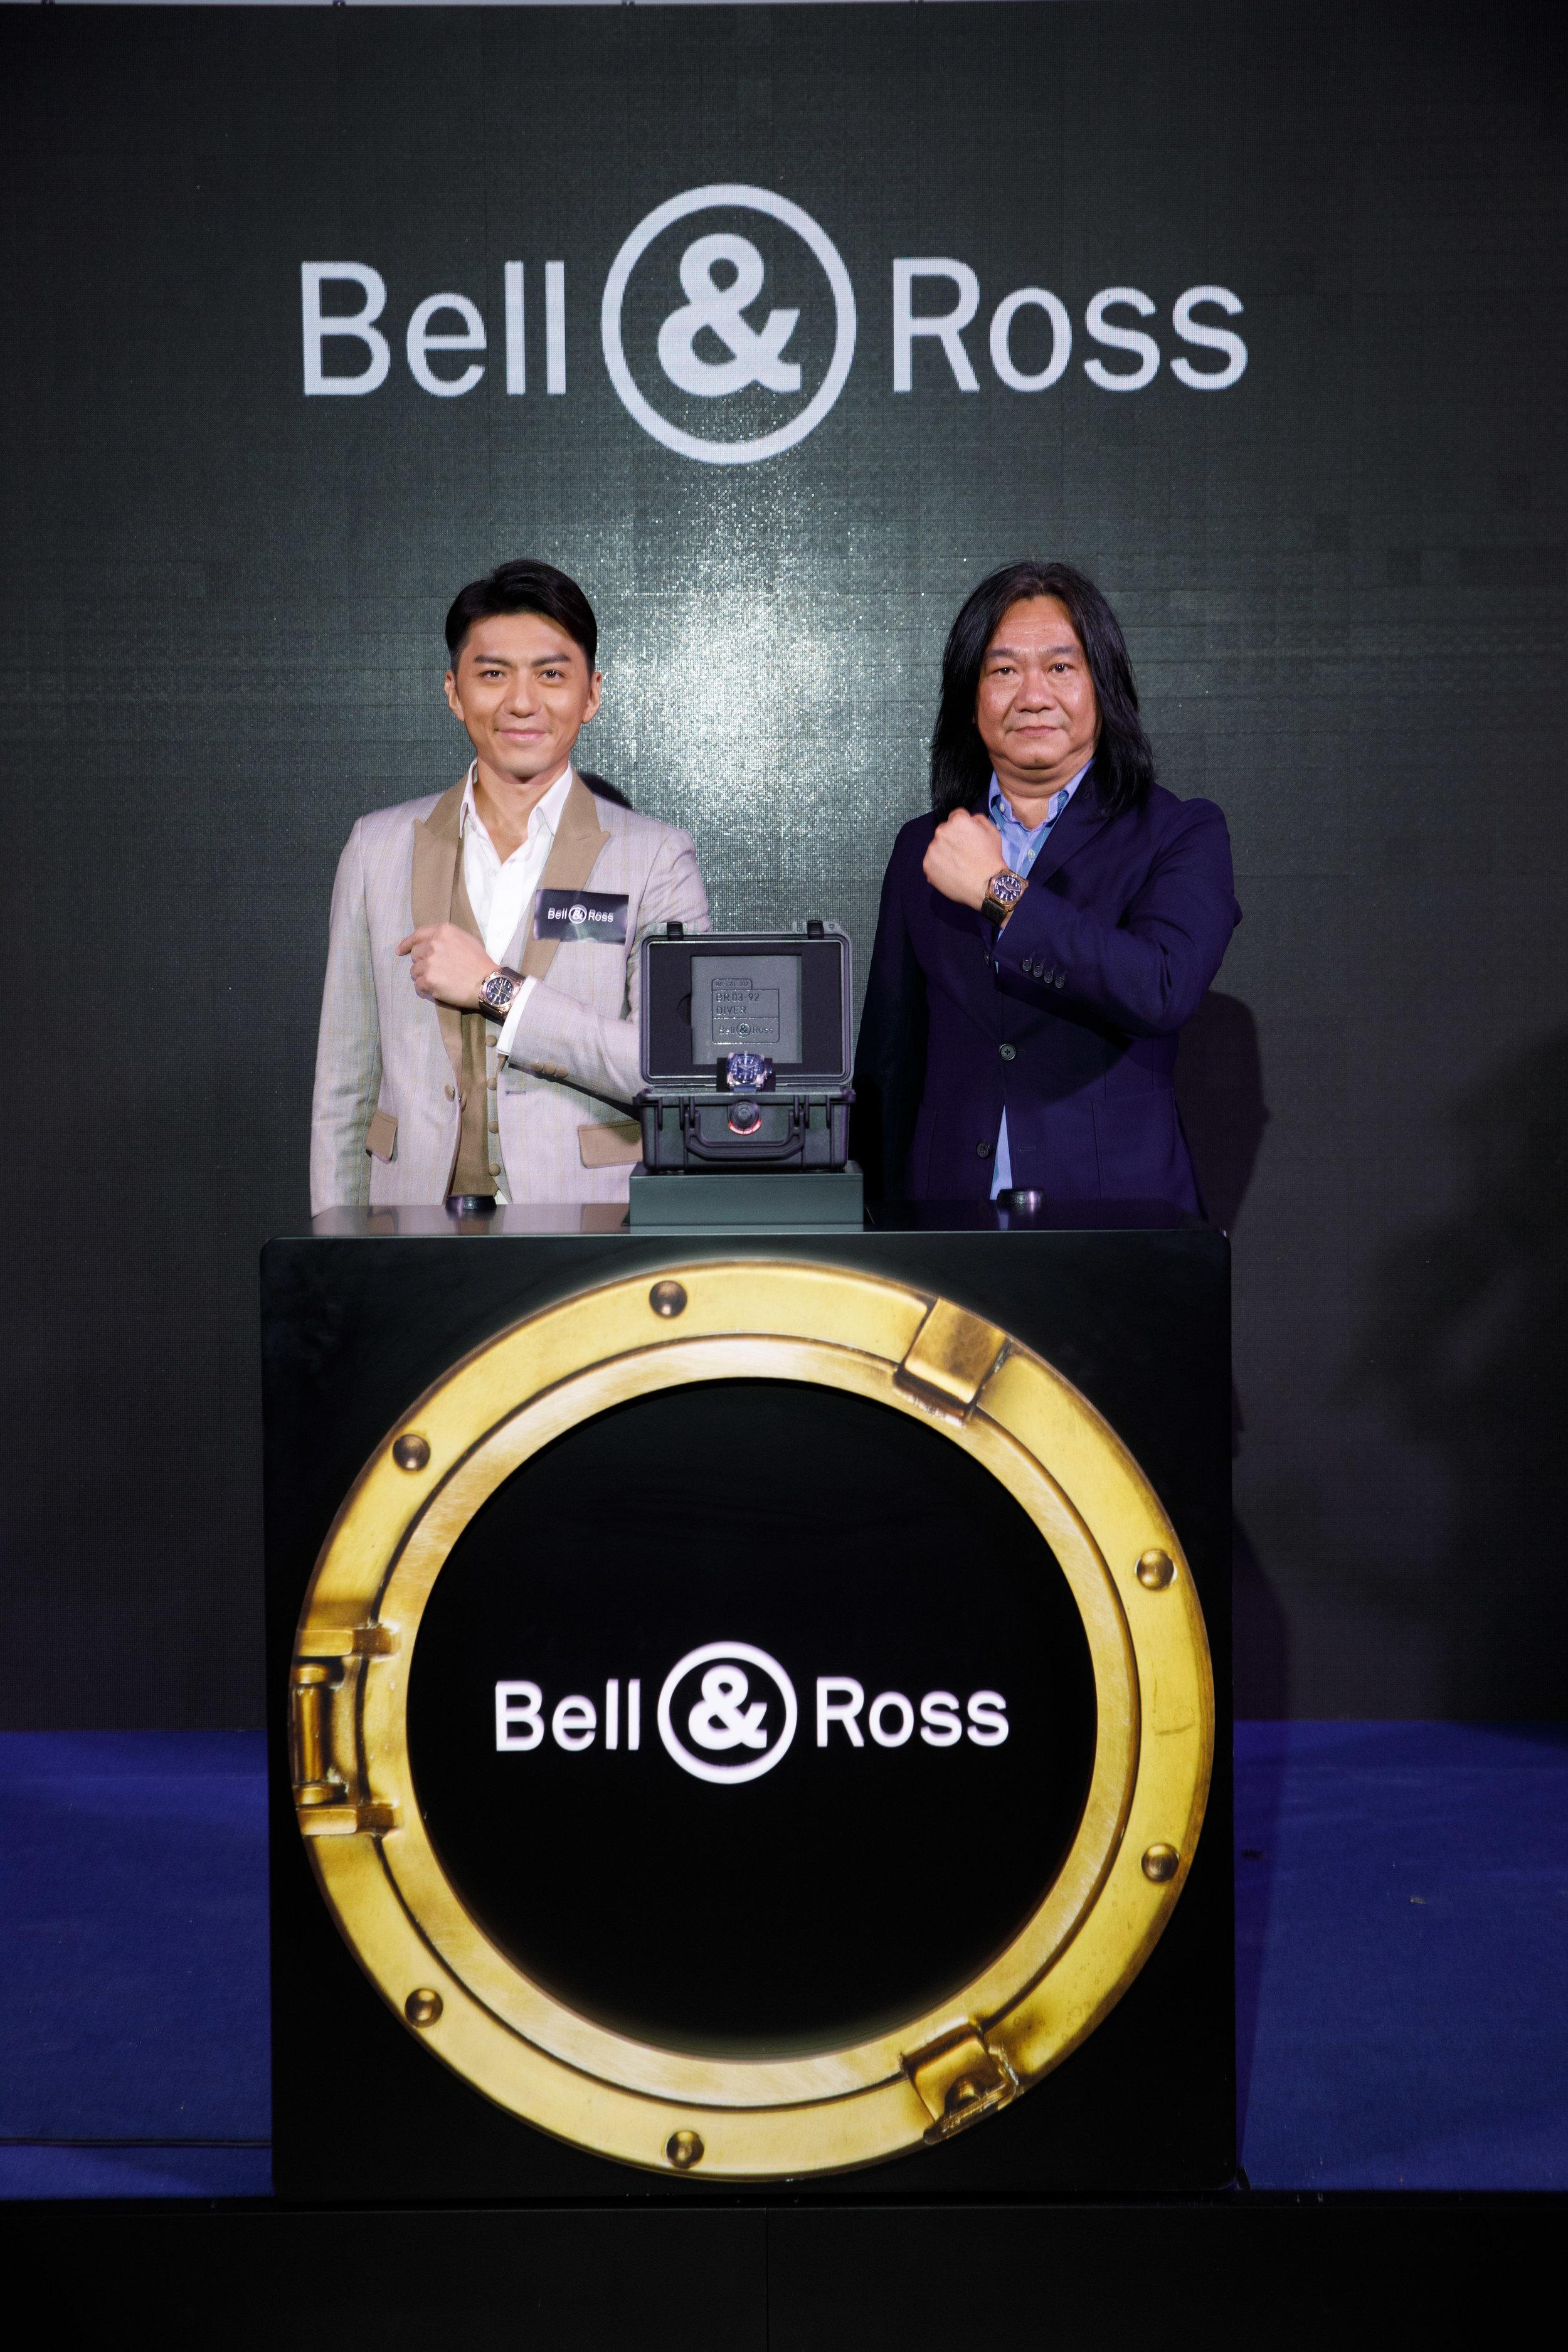 Bell&Ross-Michael-CW-Chiu-10.jpg